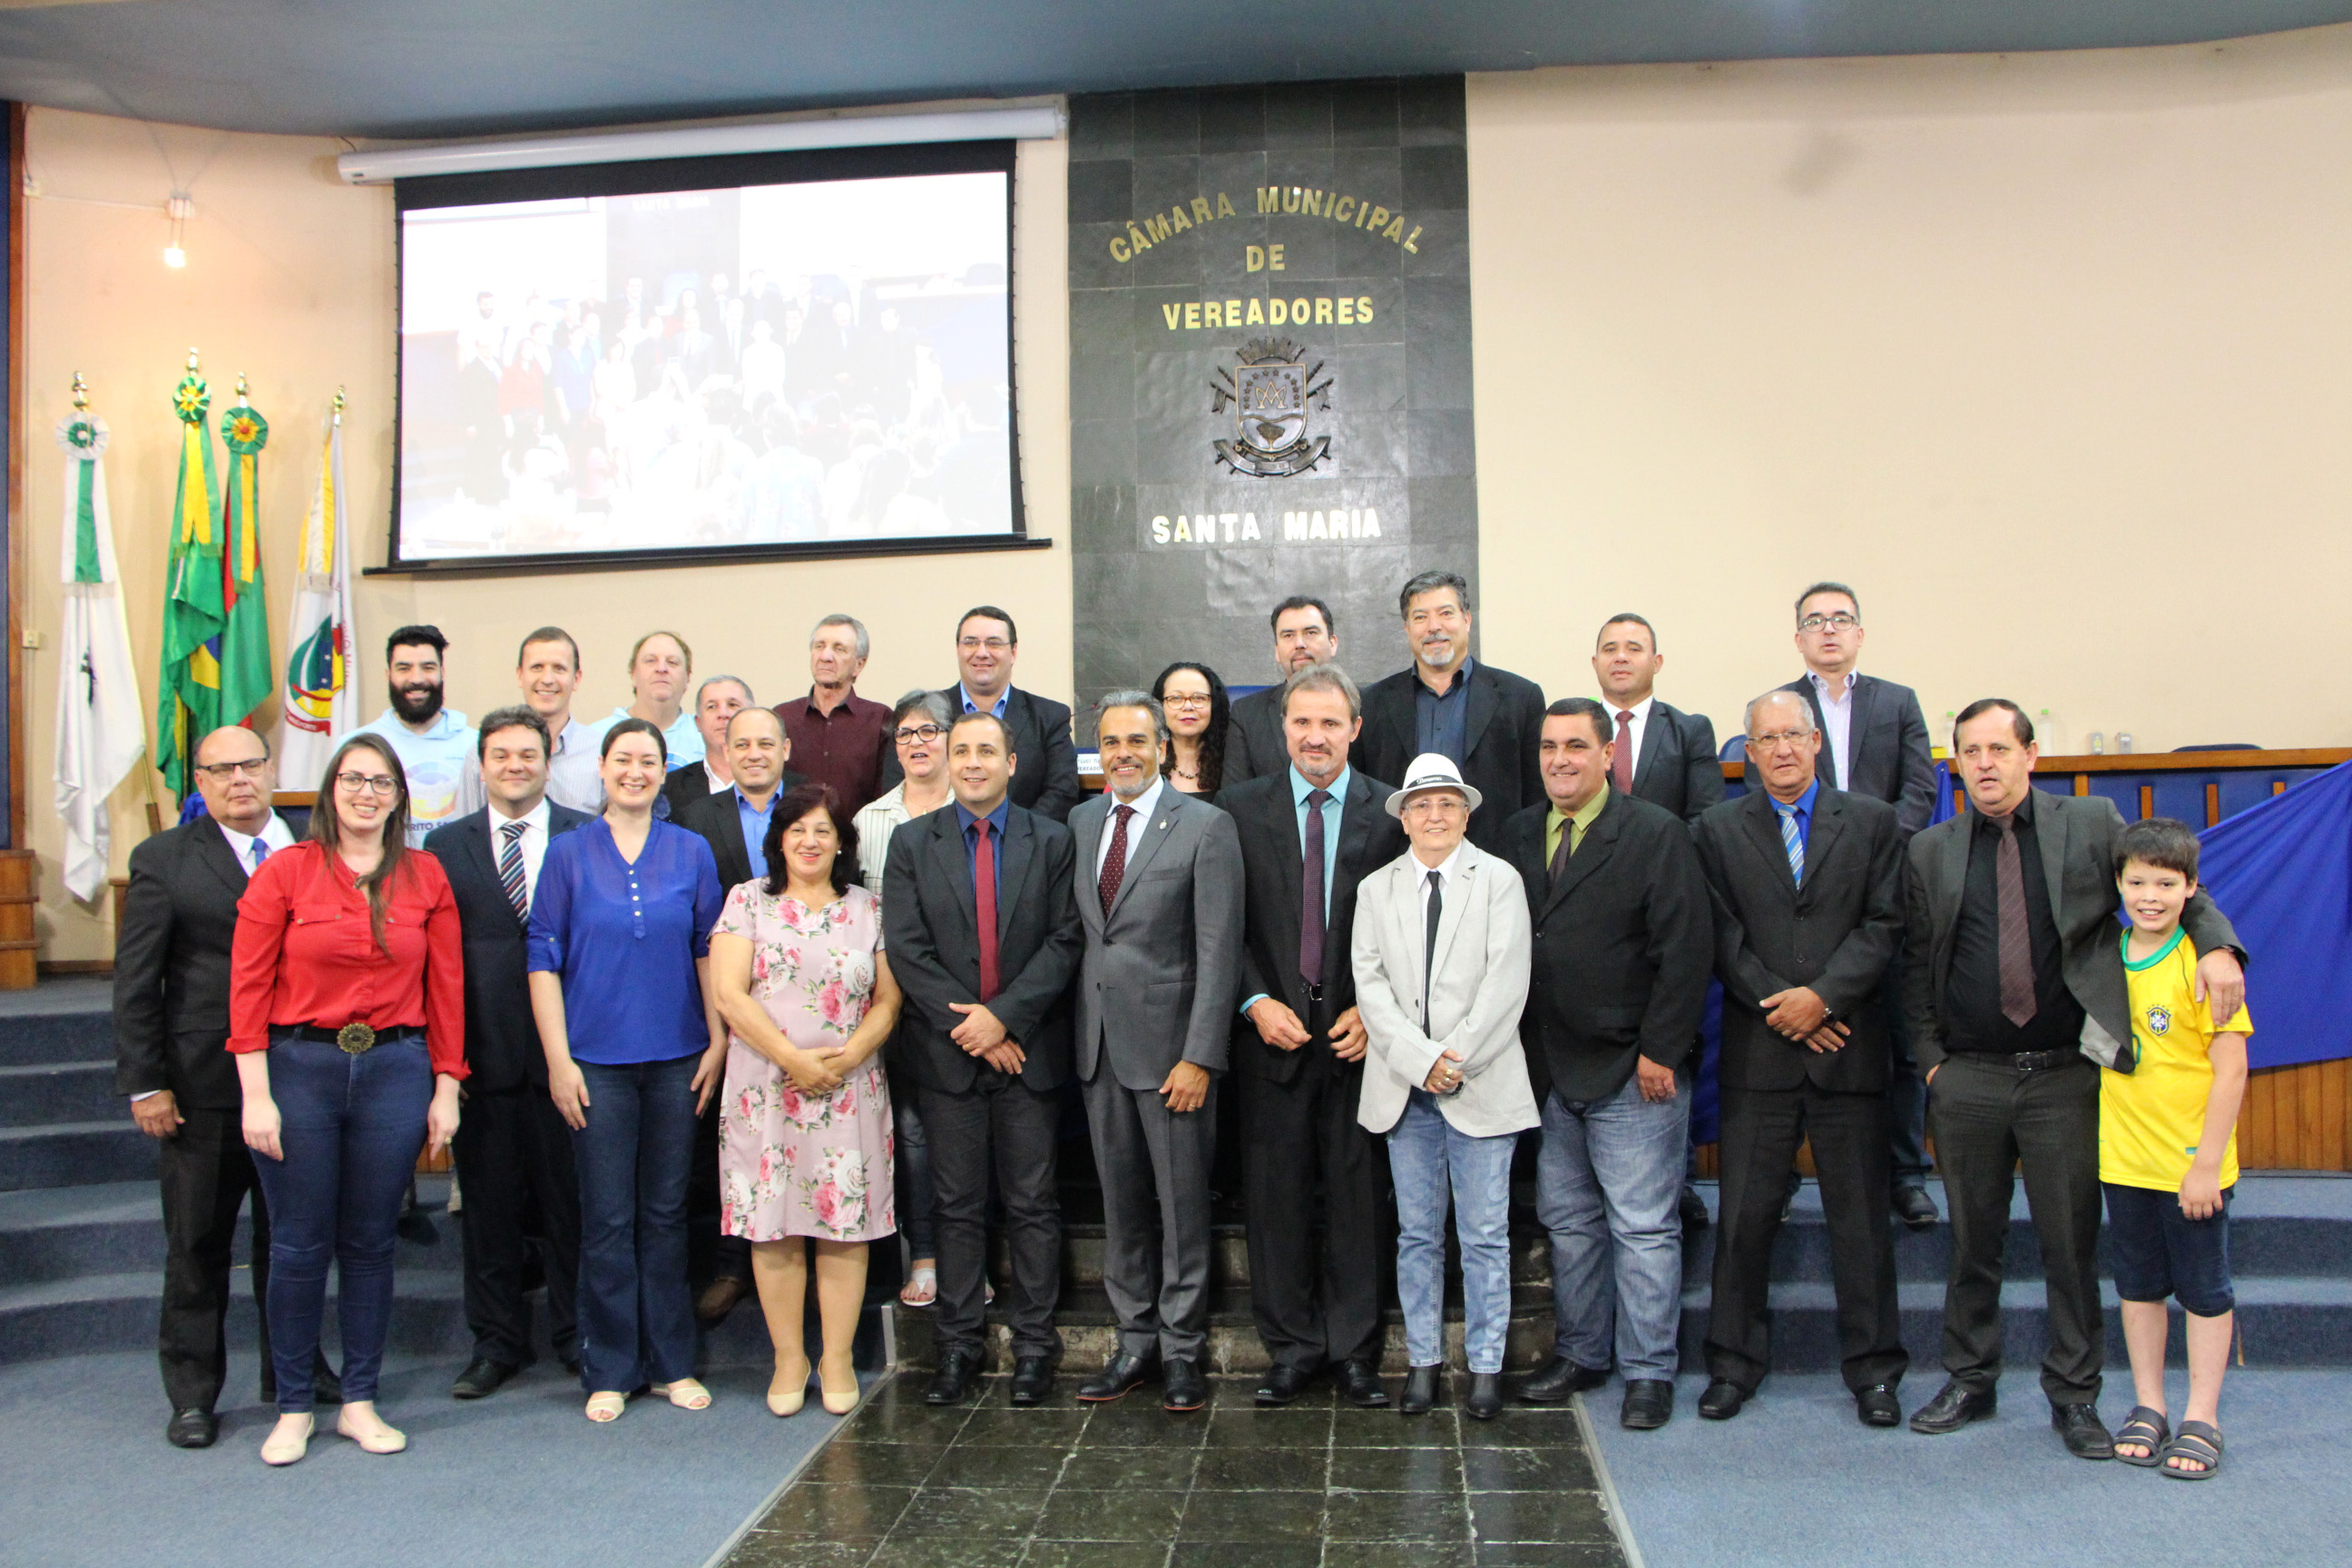 Construtora Jobim recebe Moção de Congratulação da Câmara de Vereadores de Santa Maria